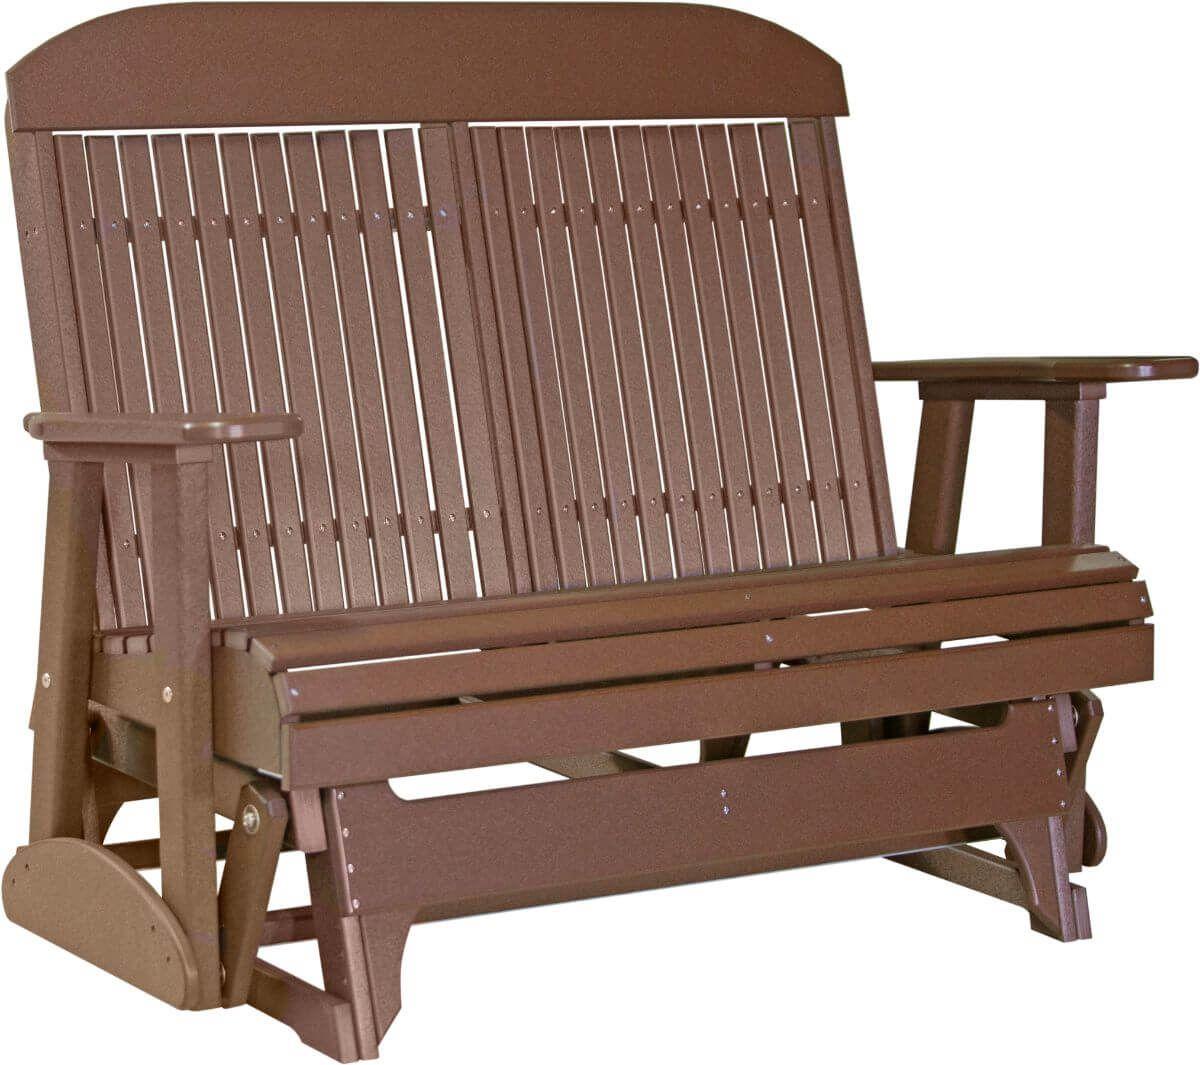 Chestnut Brown Stockton Outdoor Glider Bench